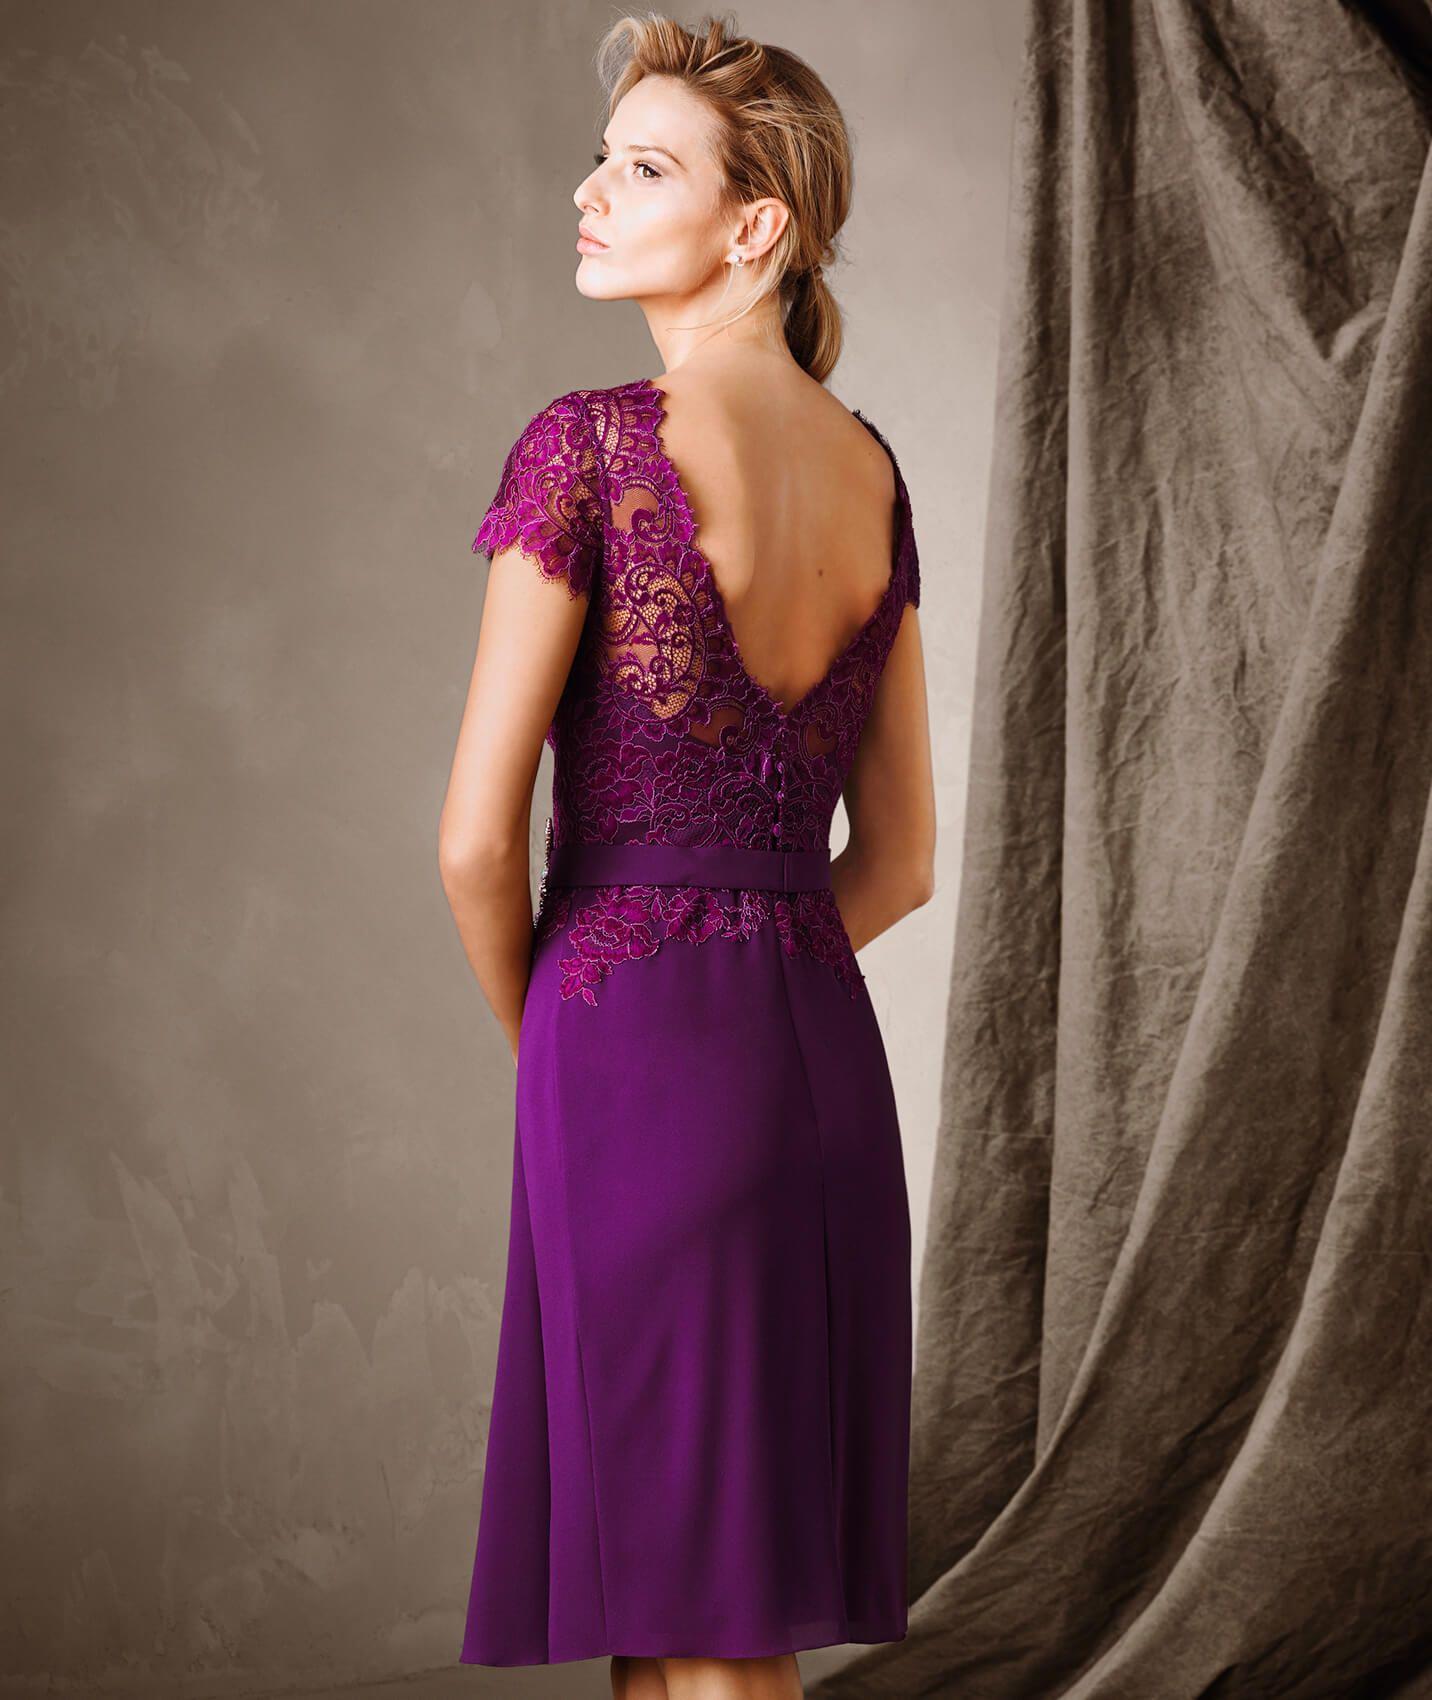 5616a1413a9 CELIA Vestidos Color Rosa, Vestidos De Baile Largos, Vestidos De Encaje,  Vestidos Formales